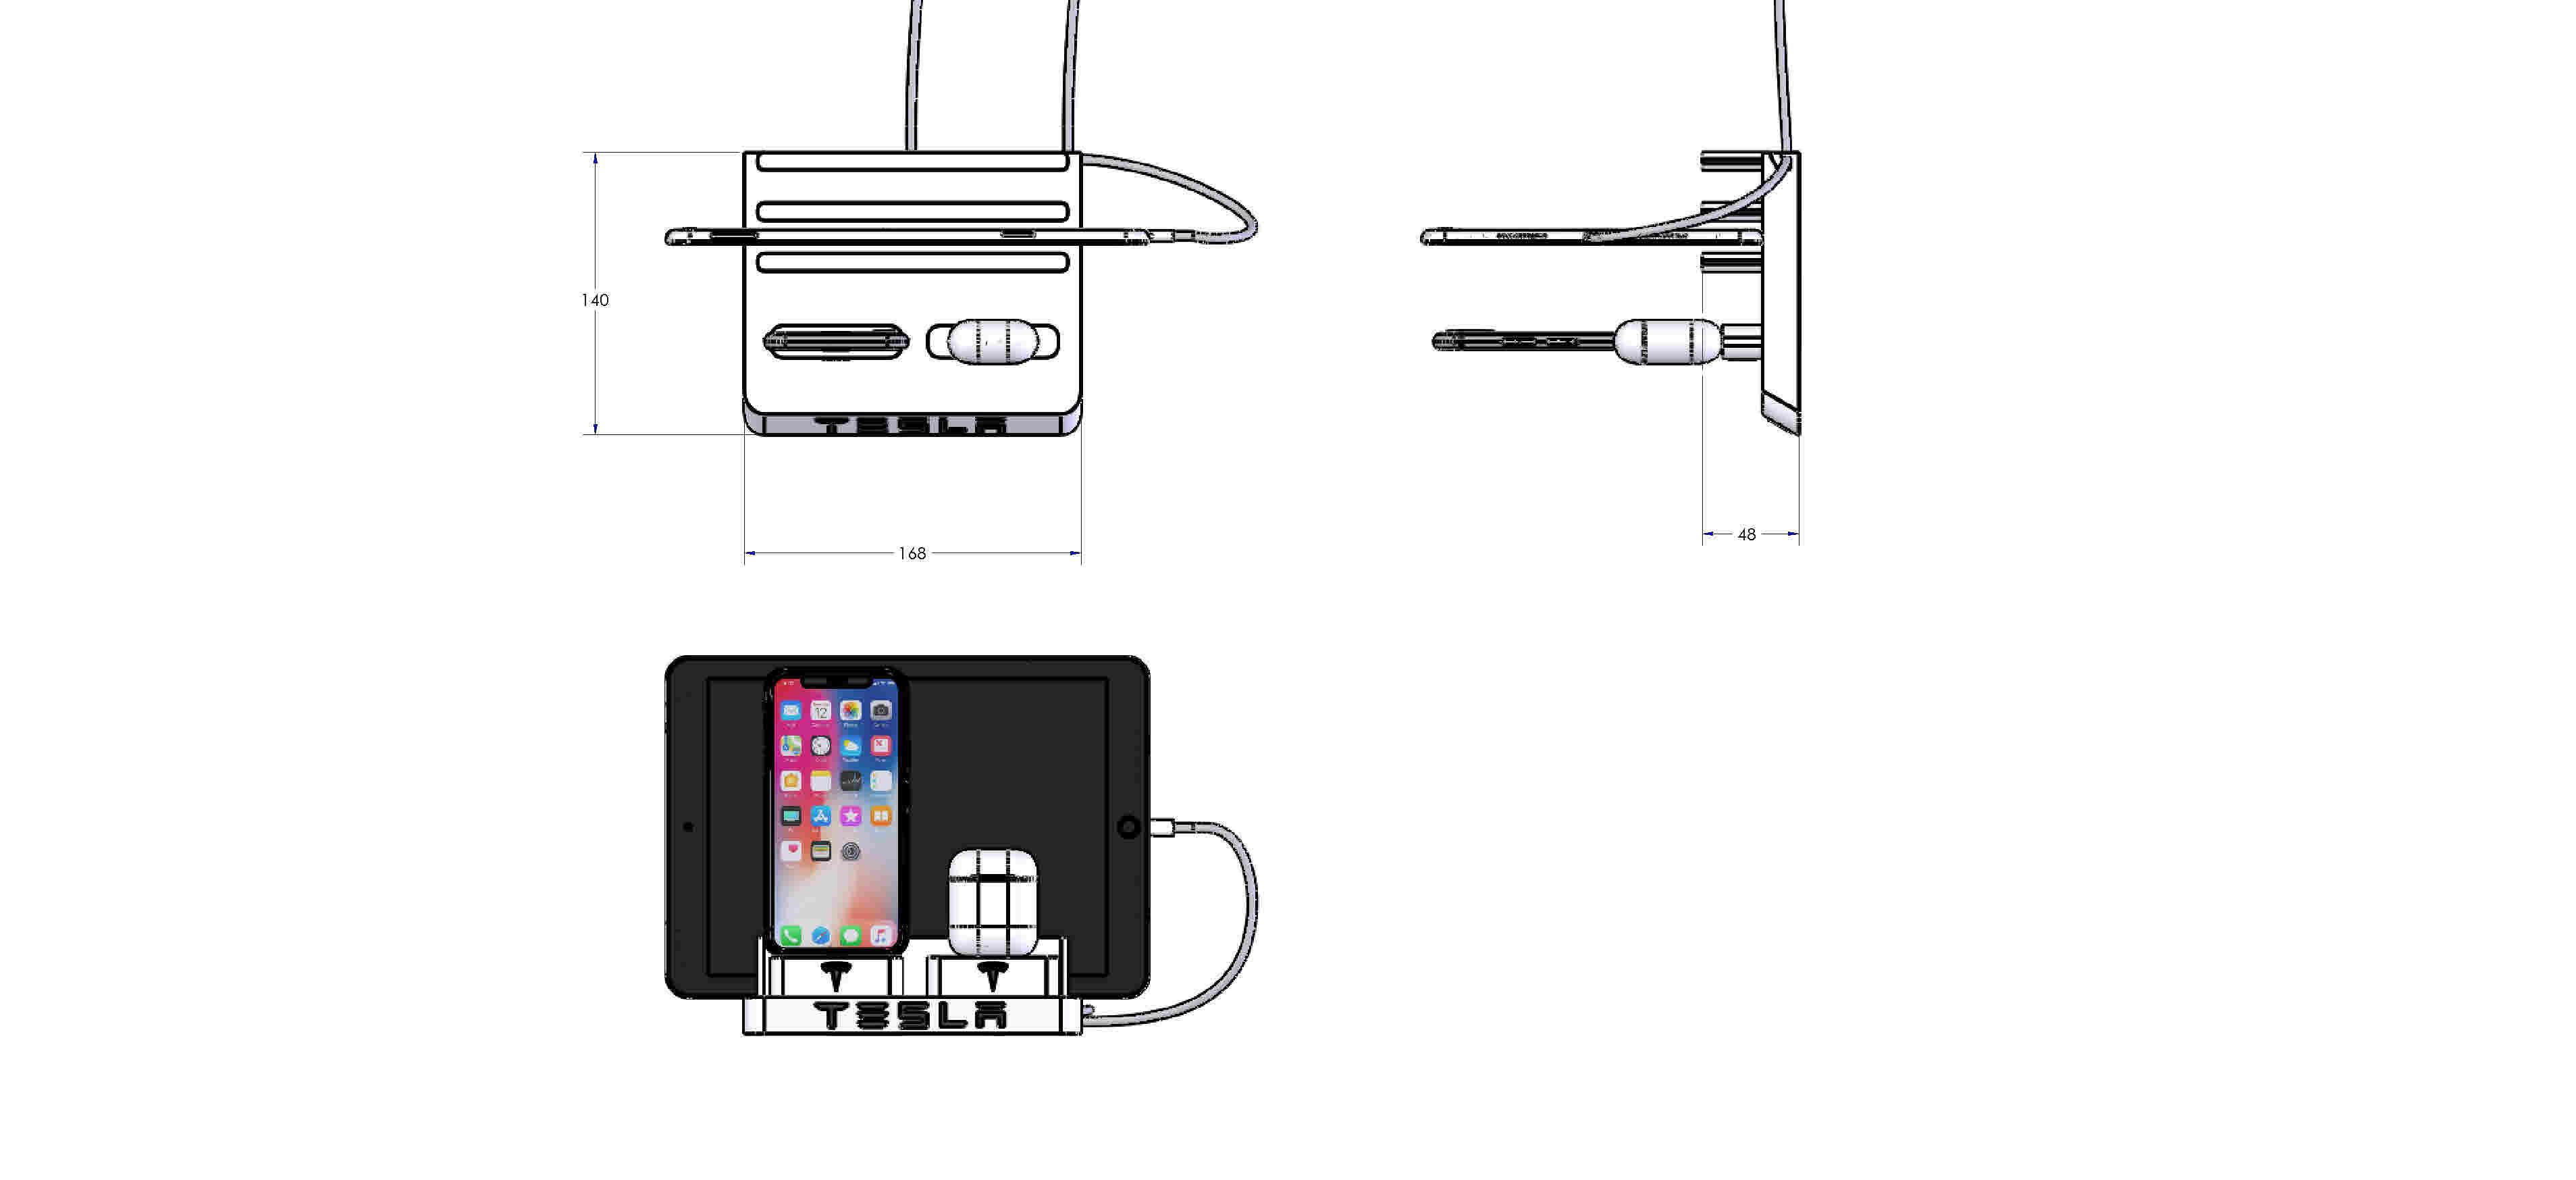 Download STL file Tesla Iphone Docking Station • 3D ...